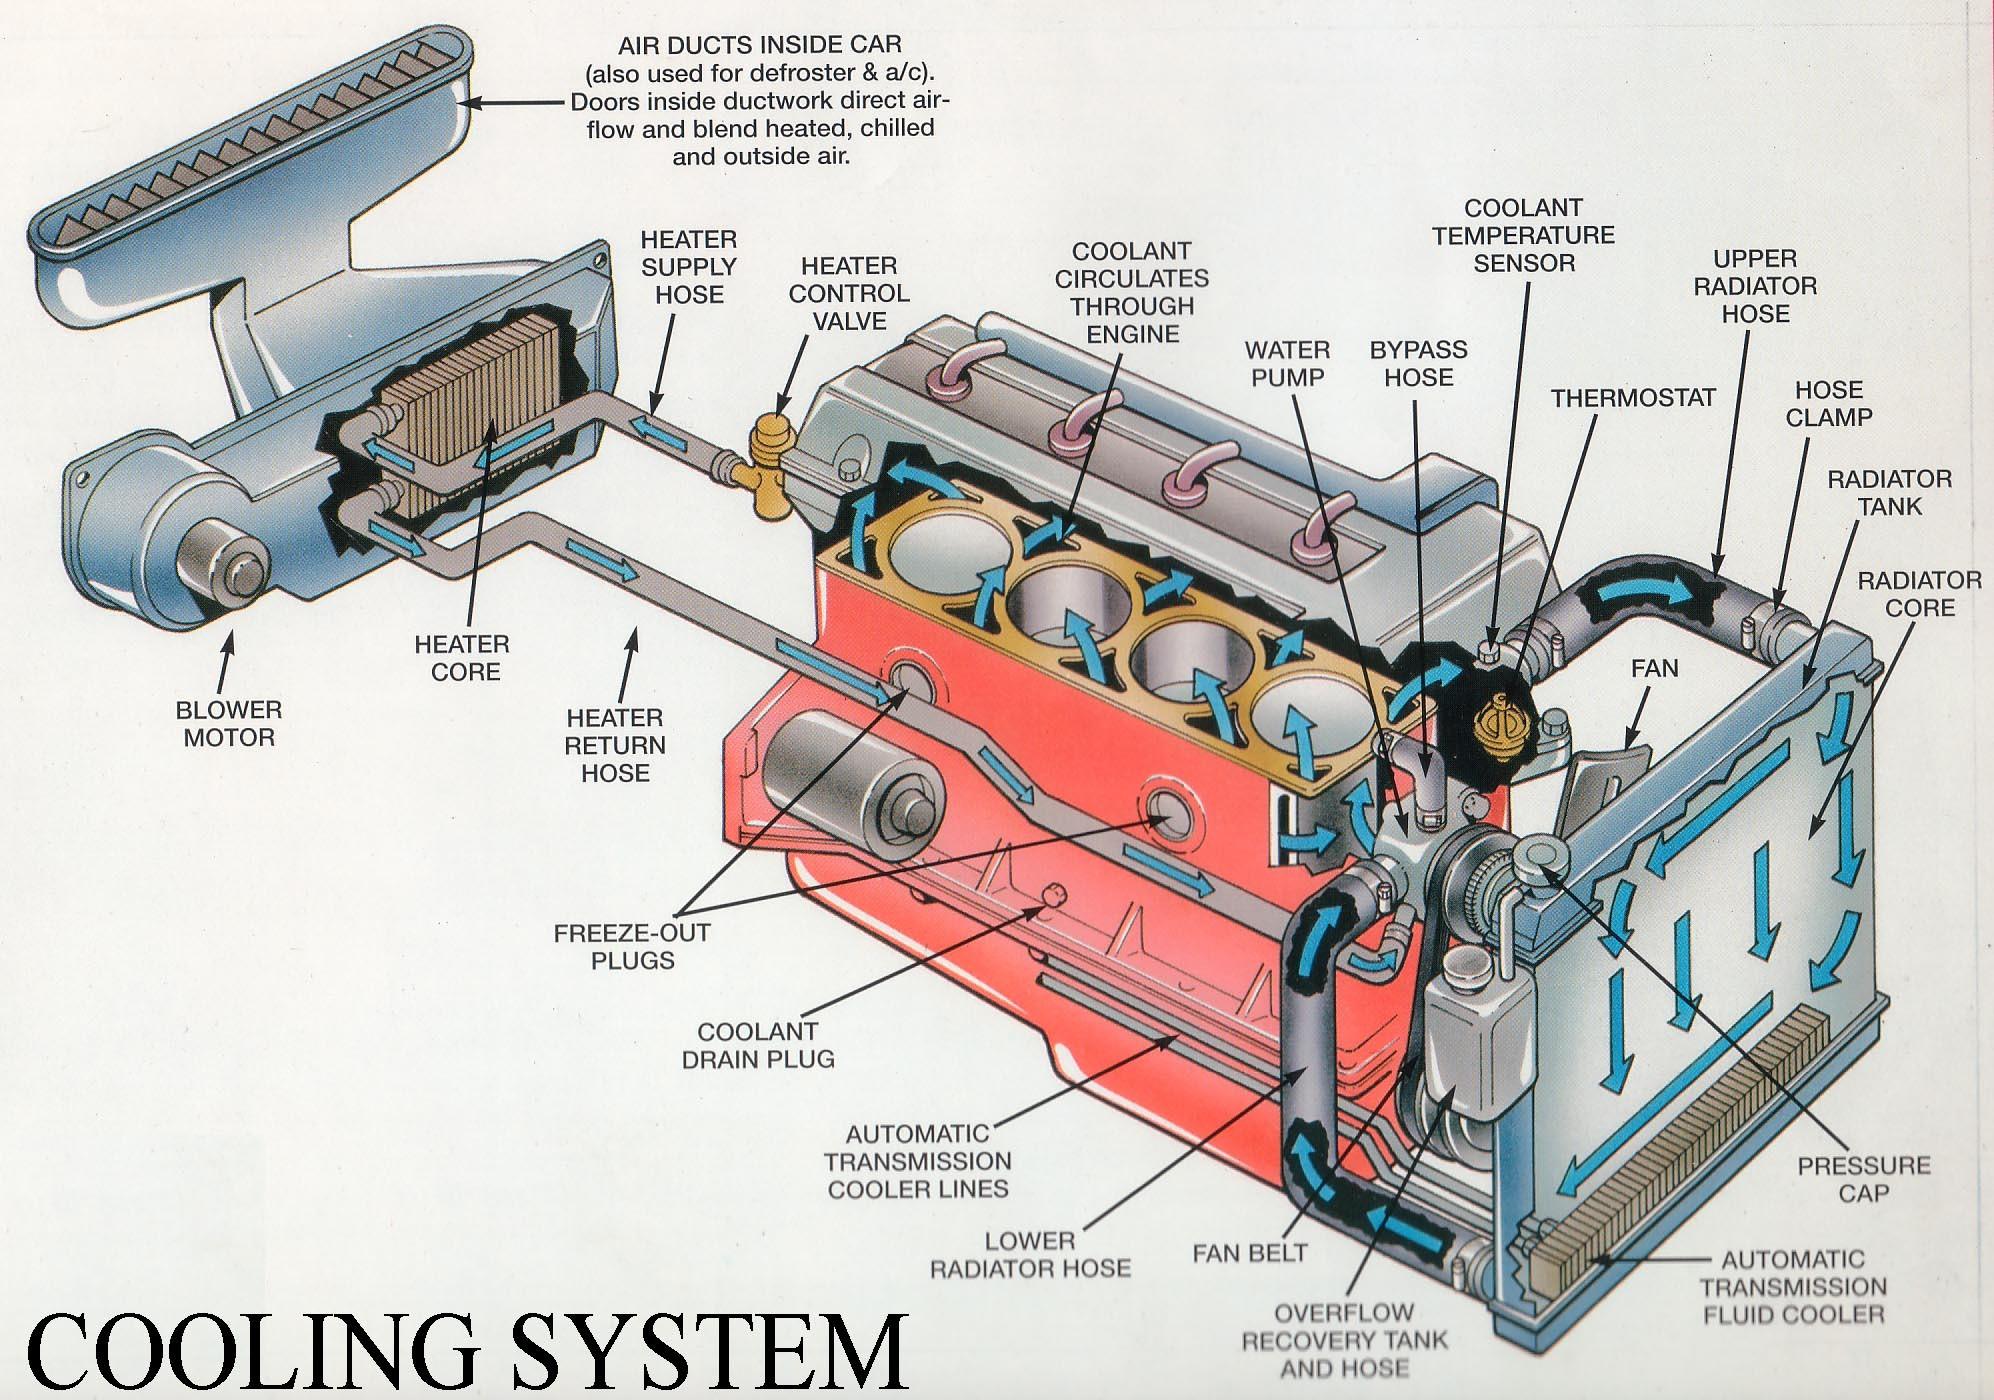 Coolant System Diagram Car Radiator Diagram Radiator Diagram Diagram Chart Gallery Of Coolant System Diagram